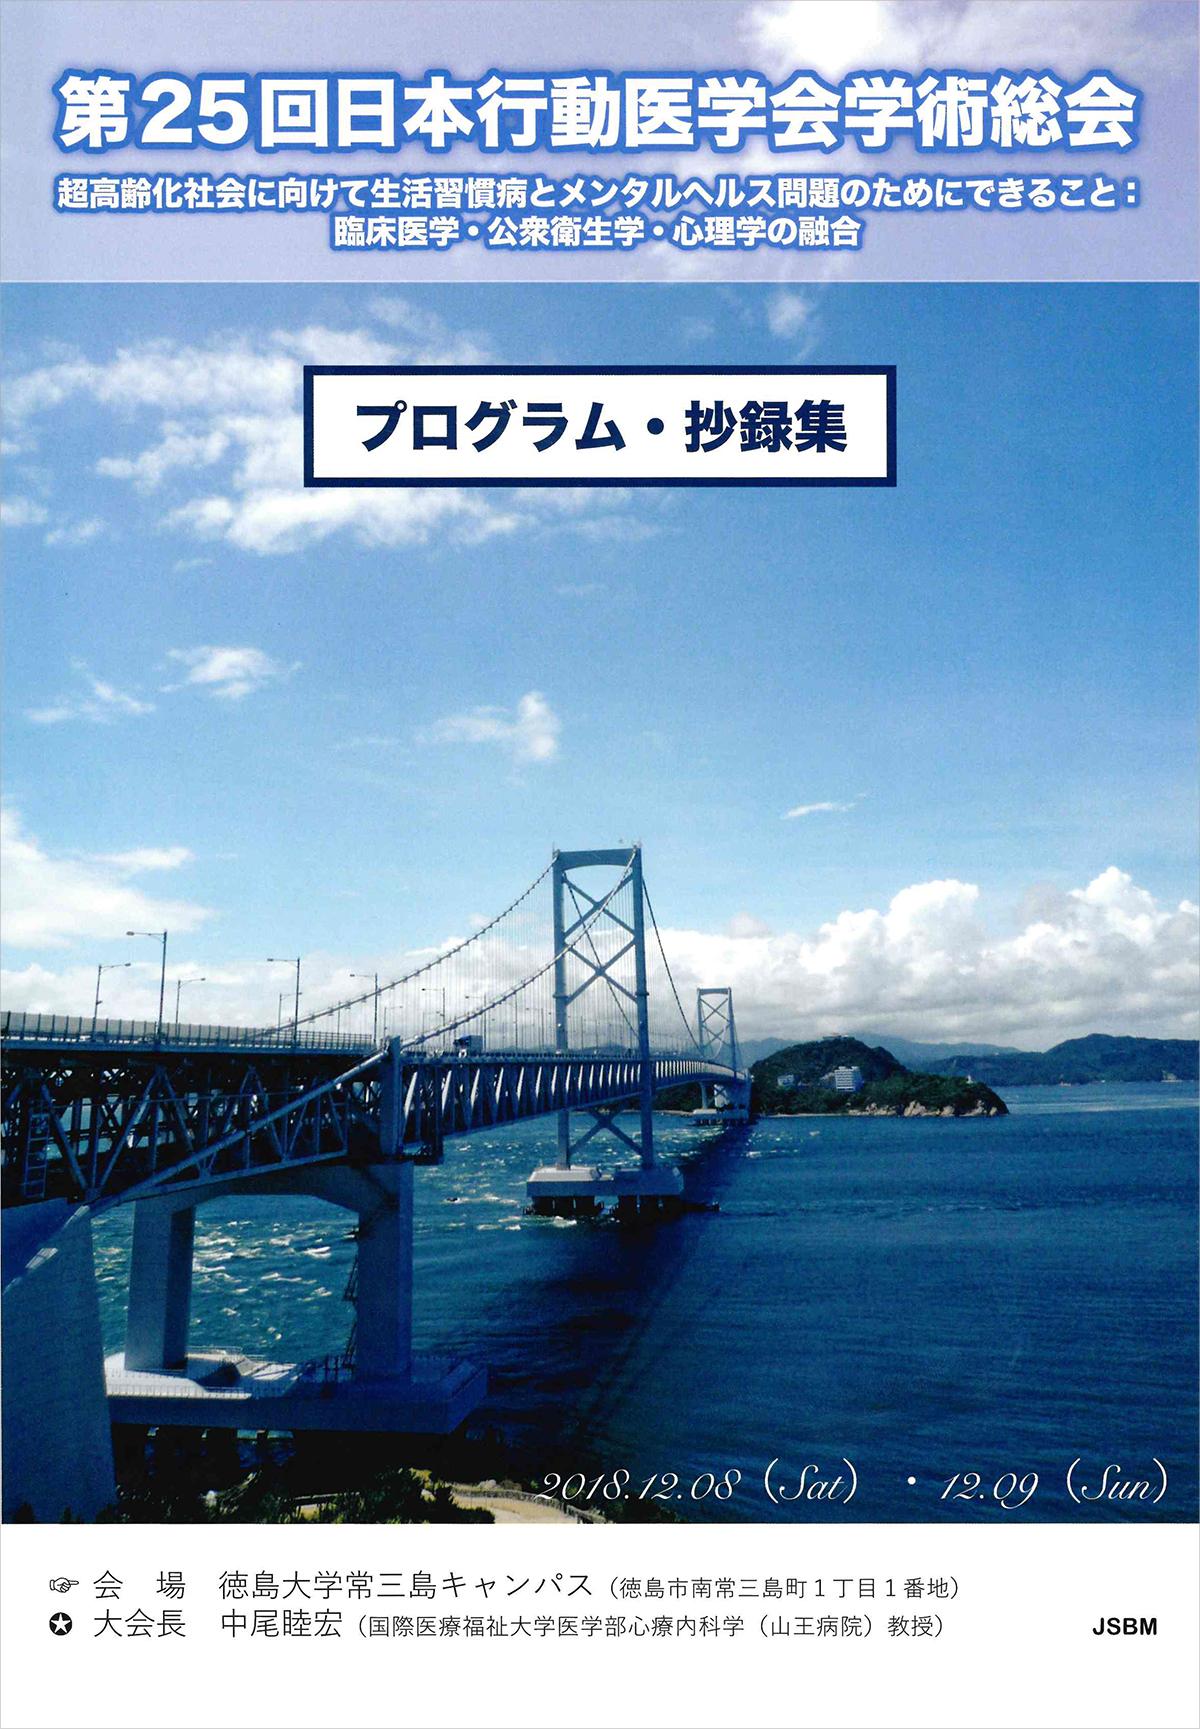 第25回日本行動医学会学術総会パンフレット画像